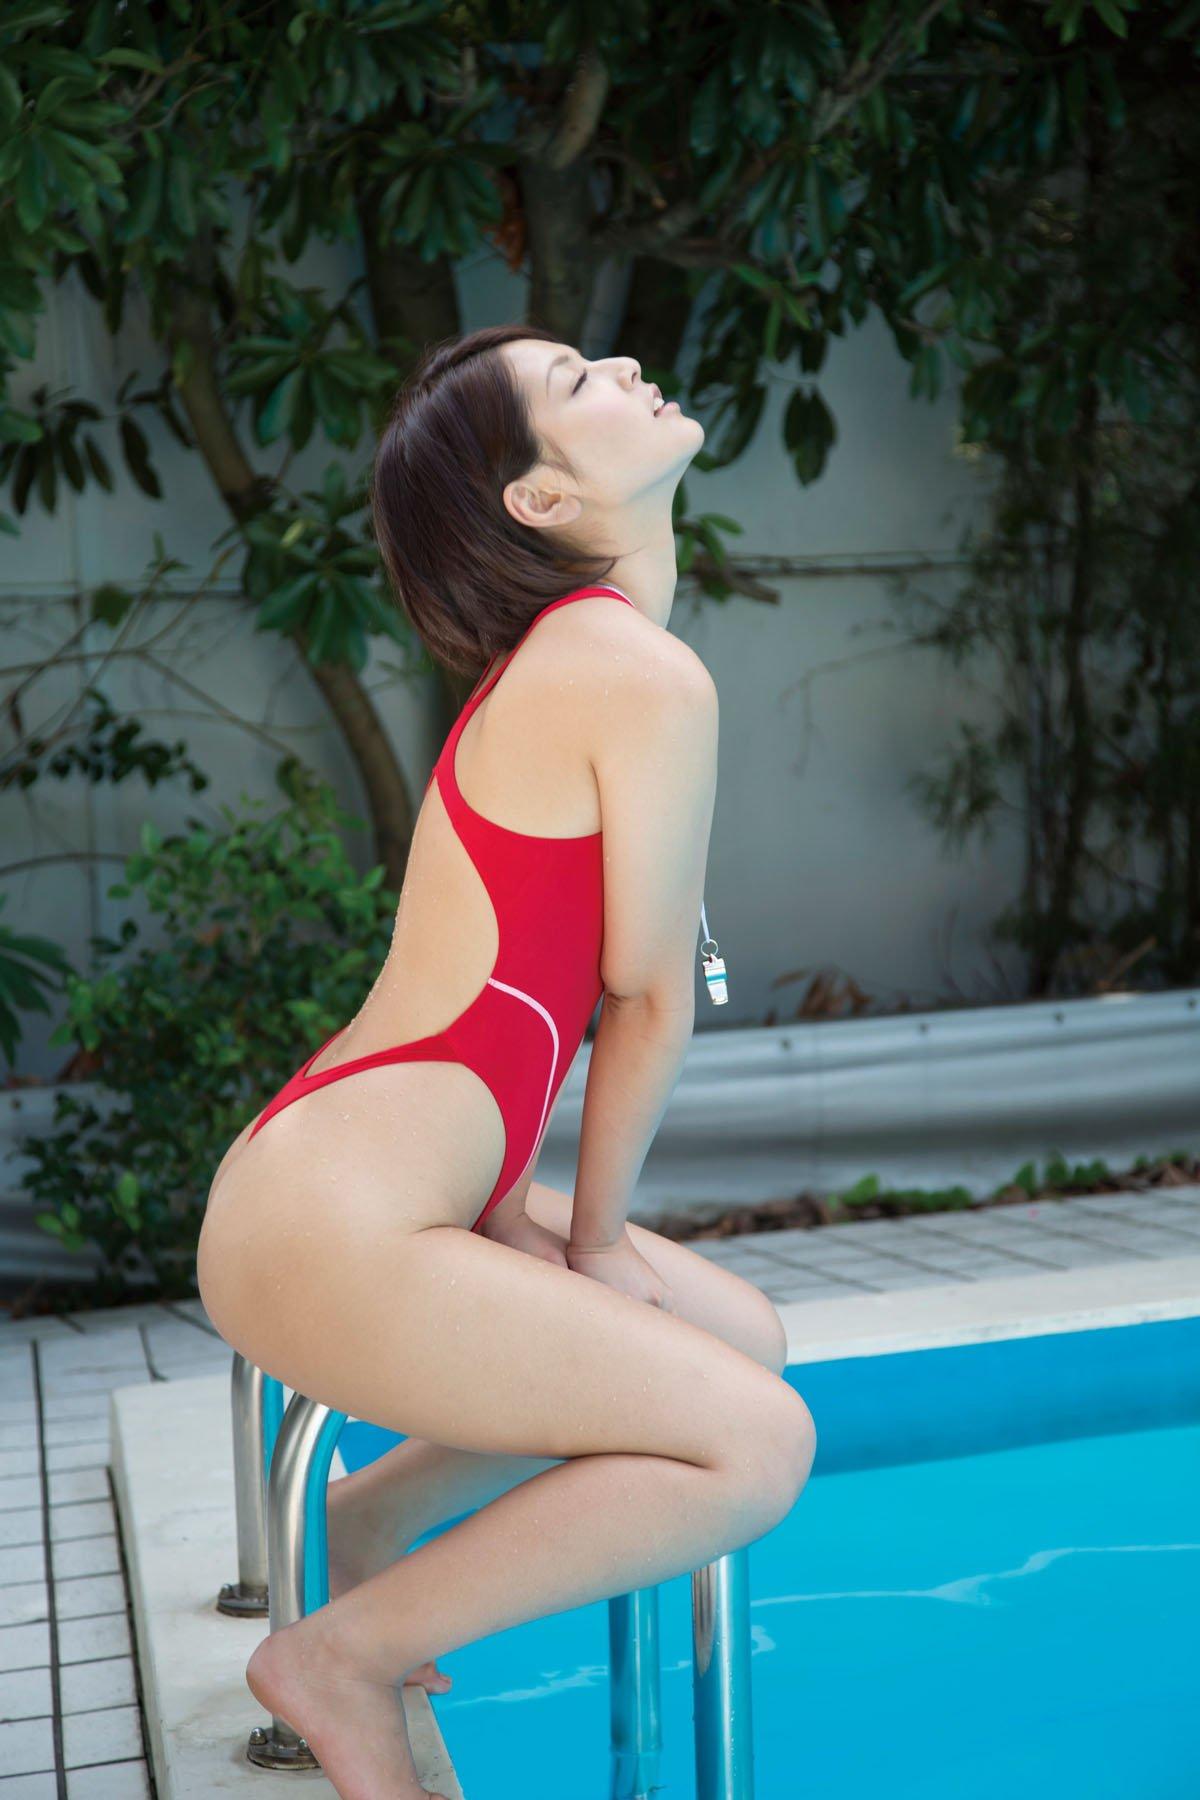 【水着エロ画像】着た時点で不可避のハミ尻wビキニに劣らない競泳水着女体www 10